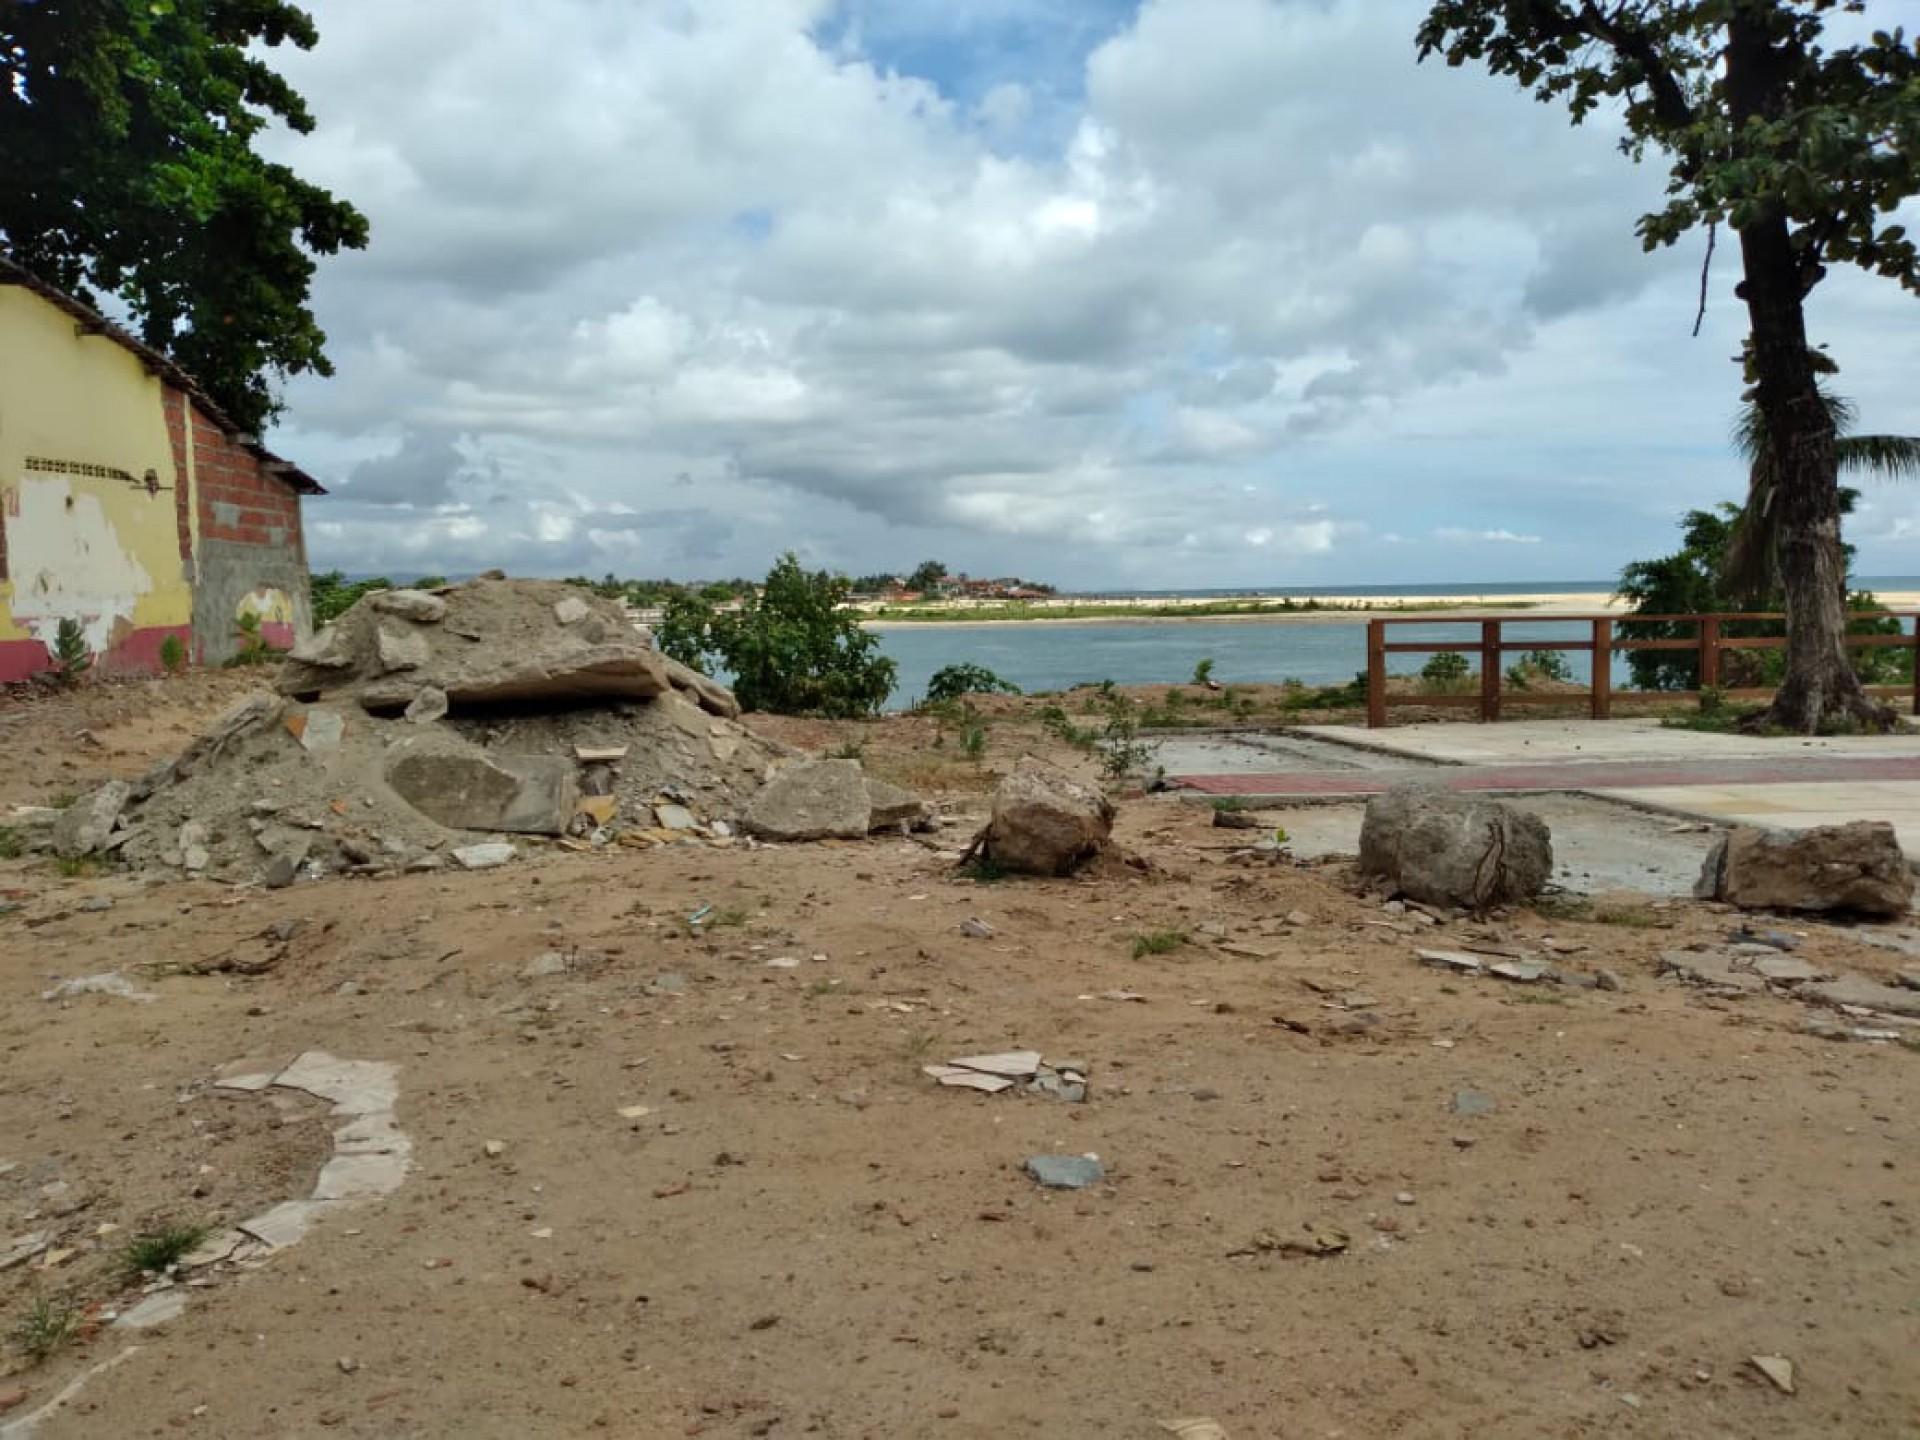 Obra de requalificação da Barra do Ceará, no Marco Zero de Fortaleza,